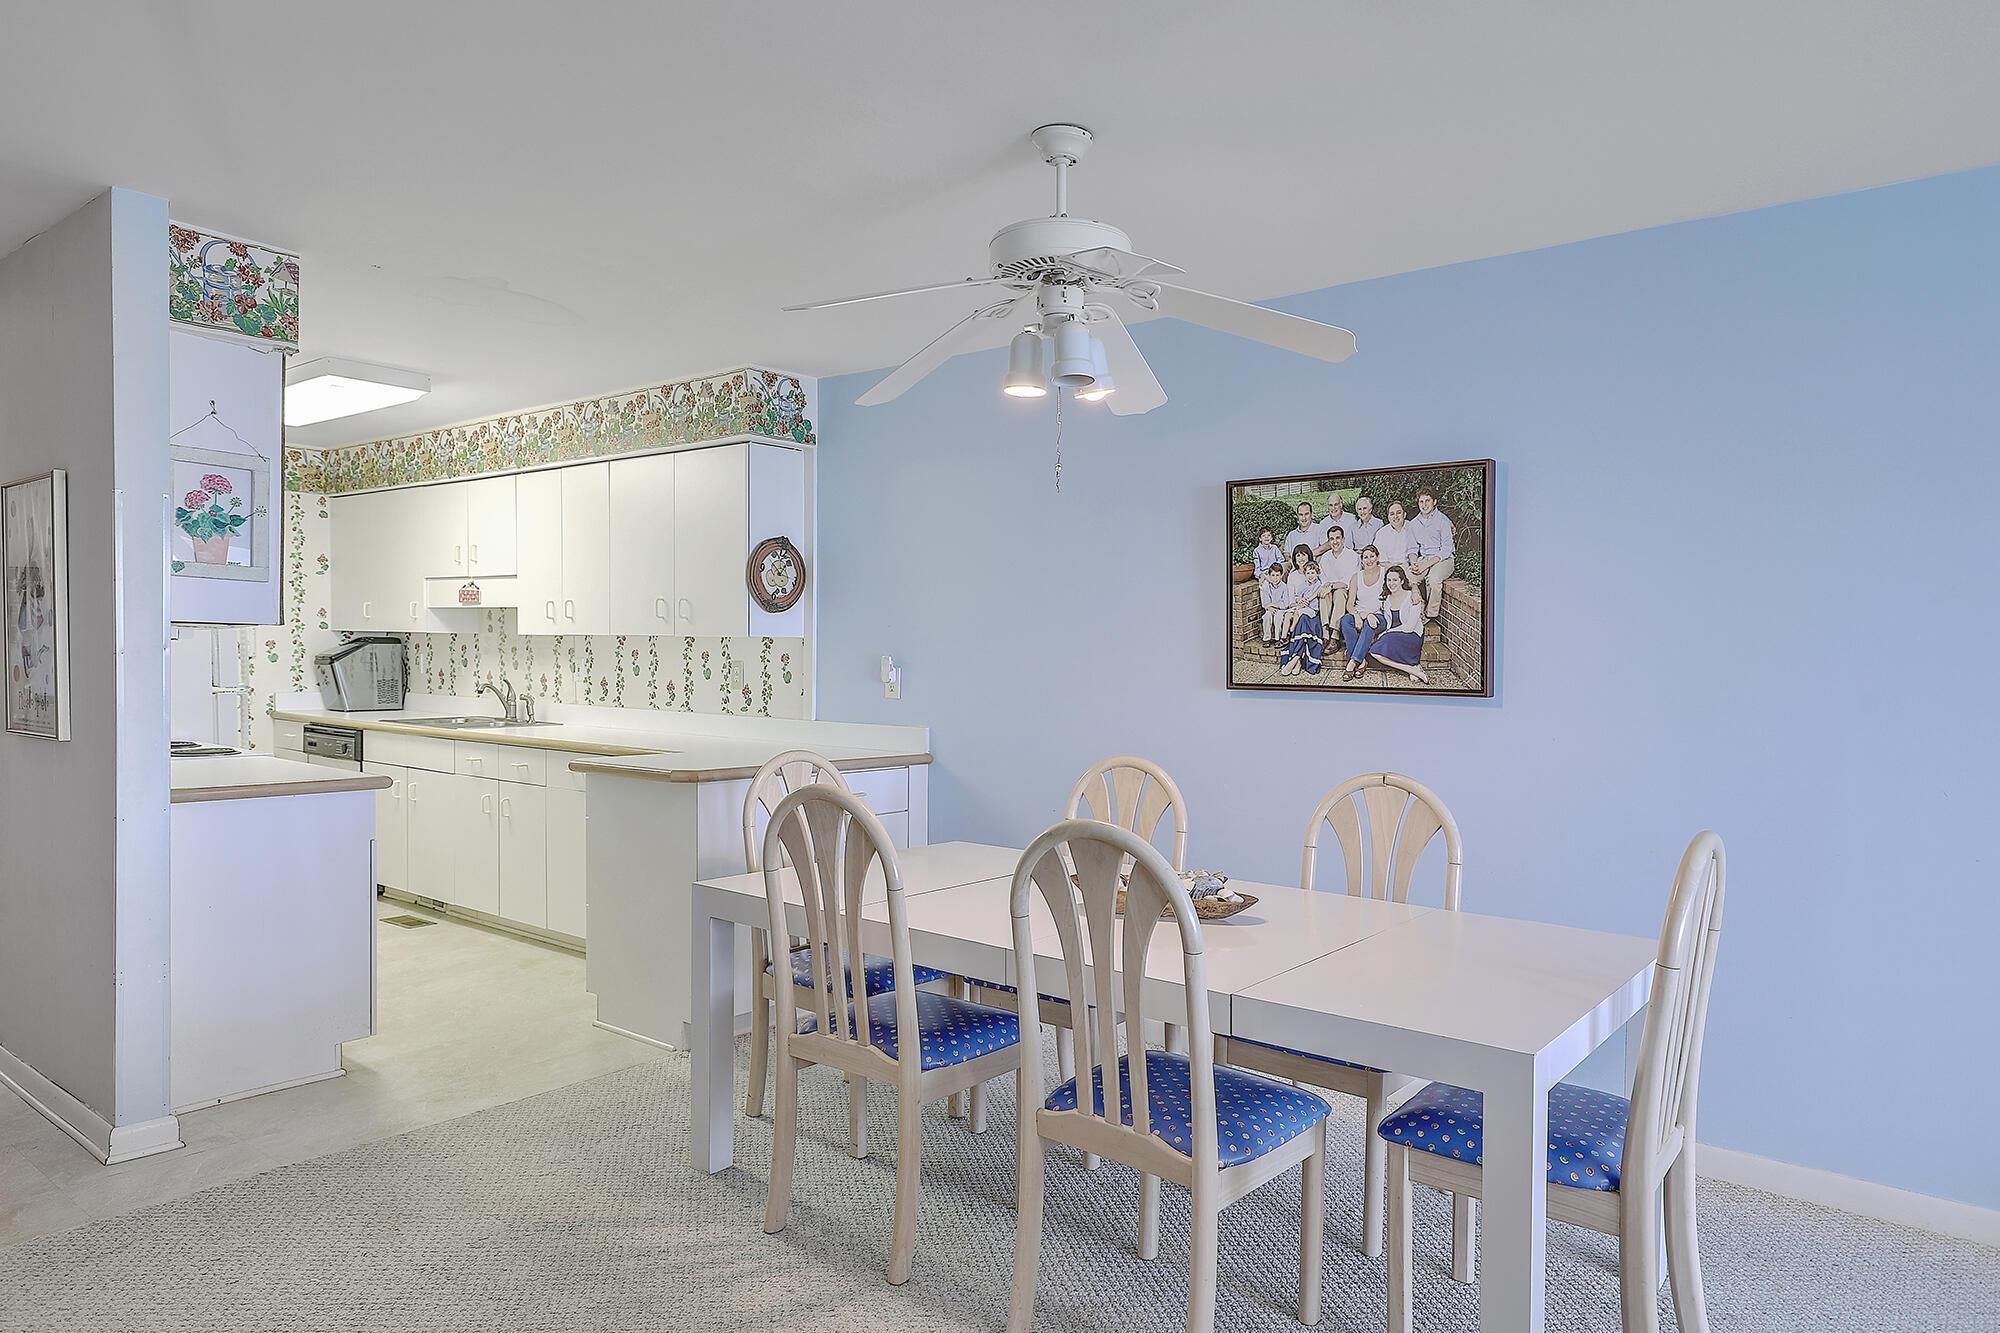 Beach Club Villas Homes For Sale - 15 Beach Club Villas, Isle of Palms, SC - 23